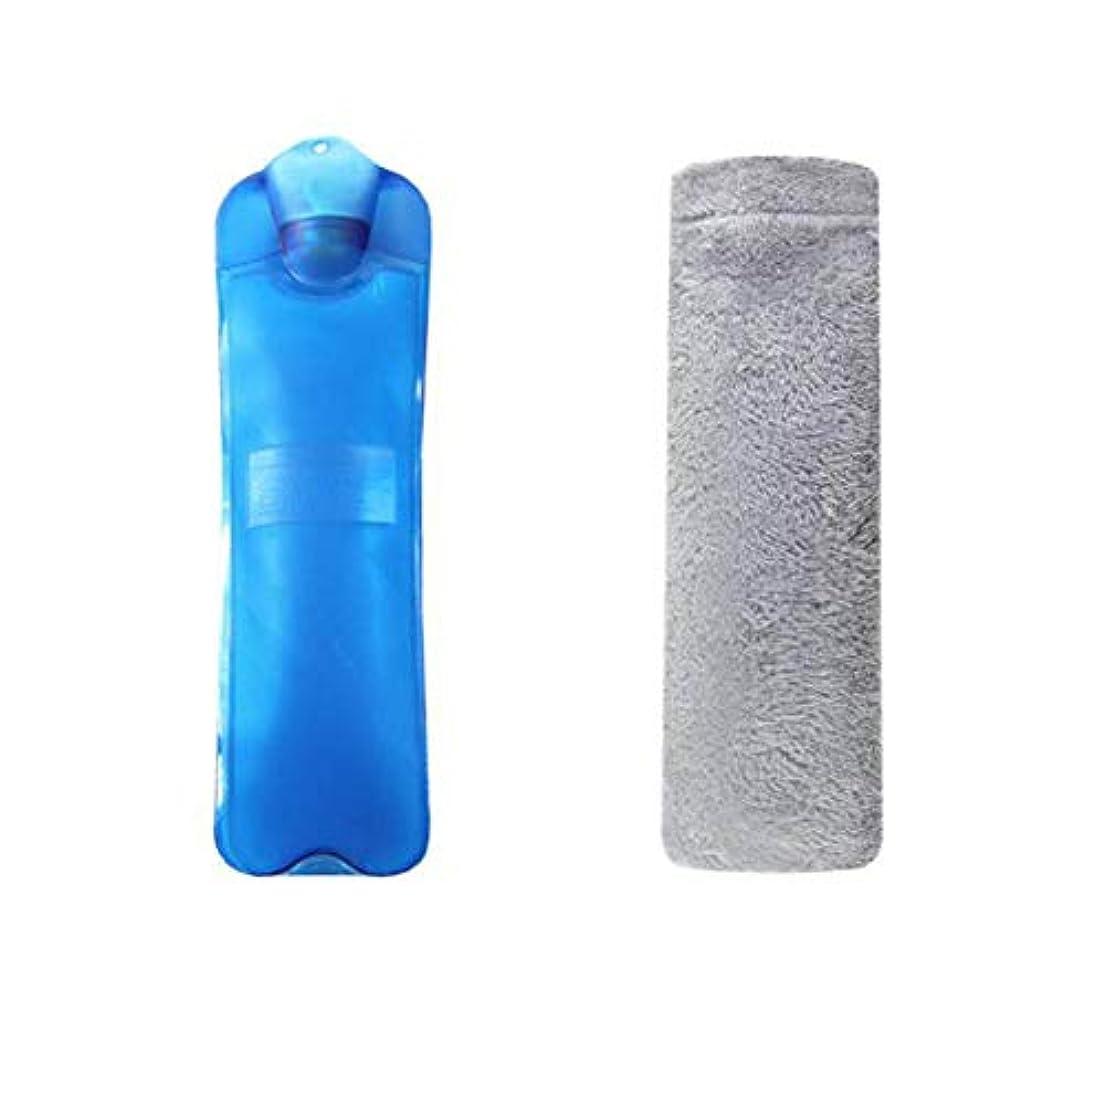 運搬サーフィンメディック温水ボトル大温水ボトル2Lは冬に暖かく保ちます #5